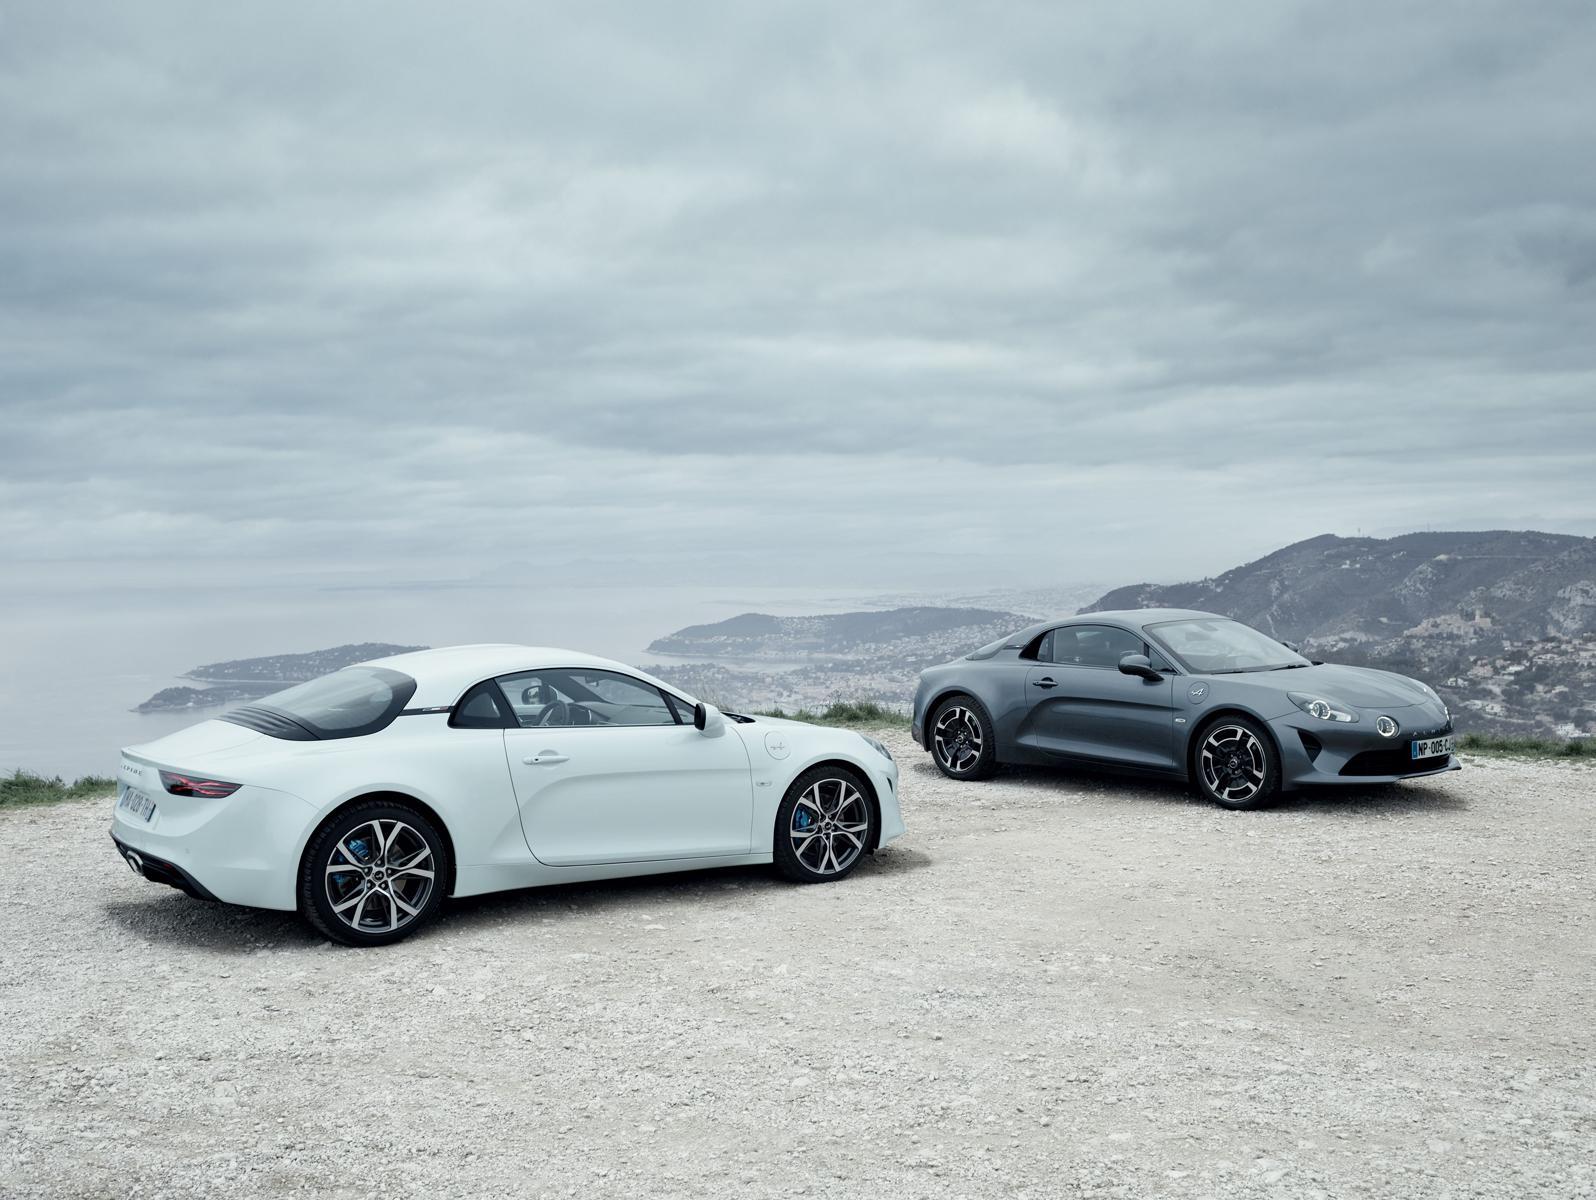 Latest Alpine models revealed at Geneva Motor Show